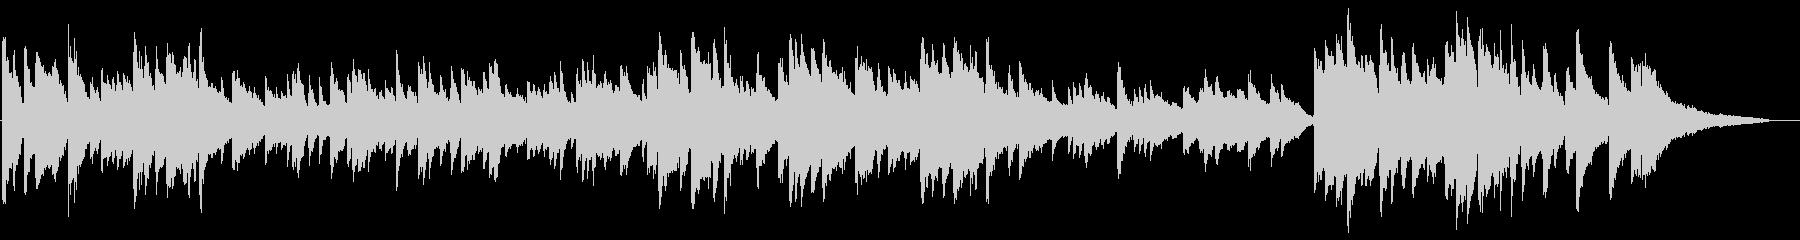 ショックなことがあった時な ピアノソロの未再生の波形